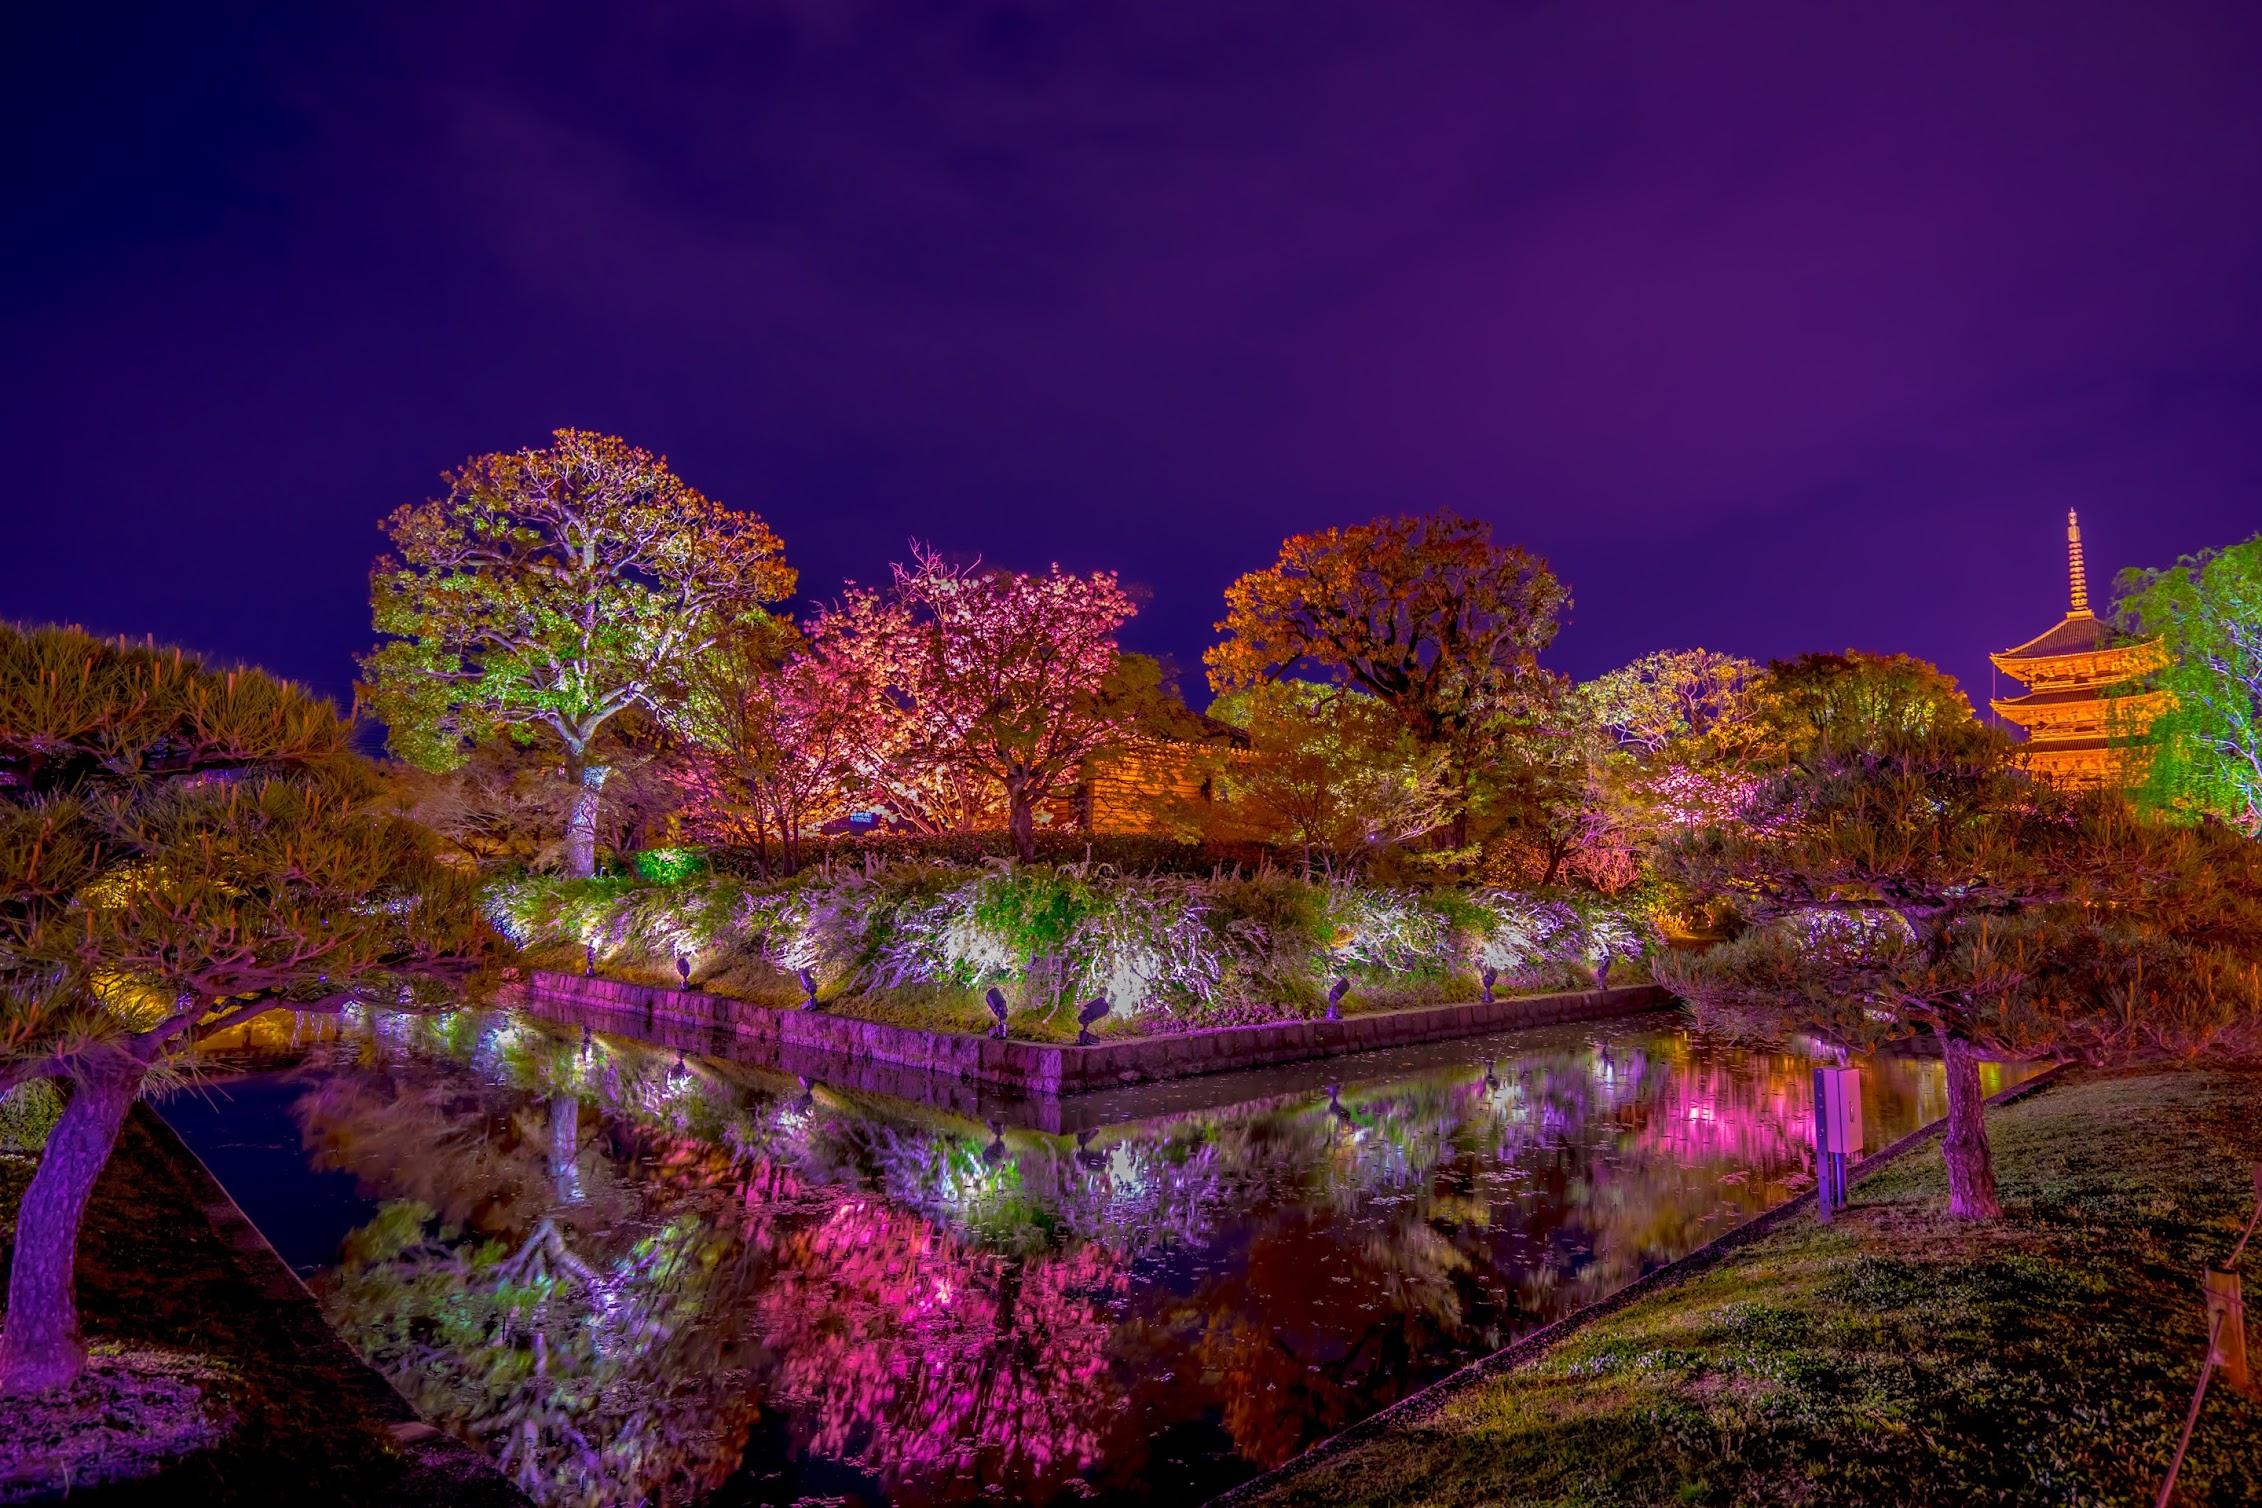 京都 東寺 桜 ライトアップ5